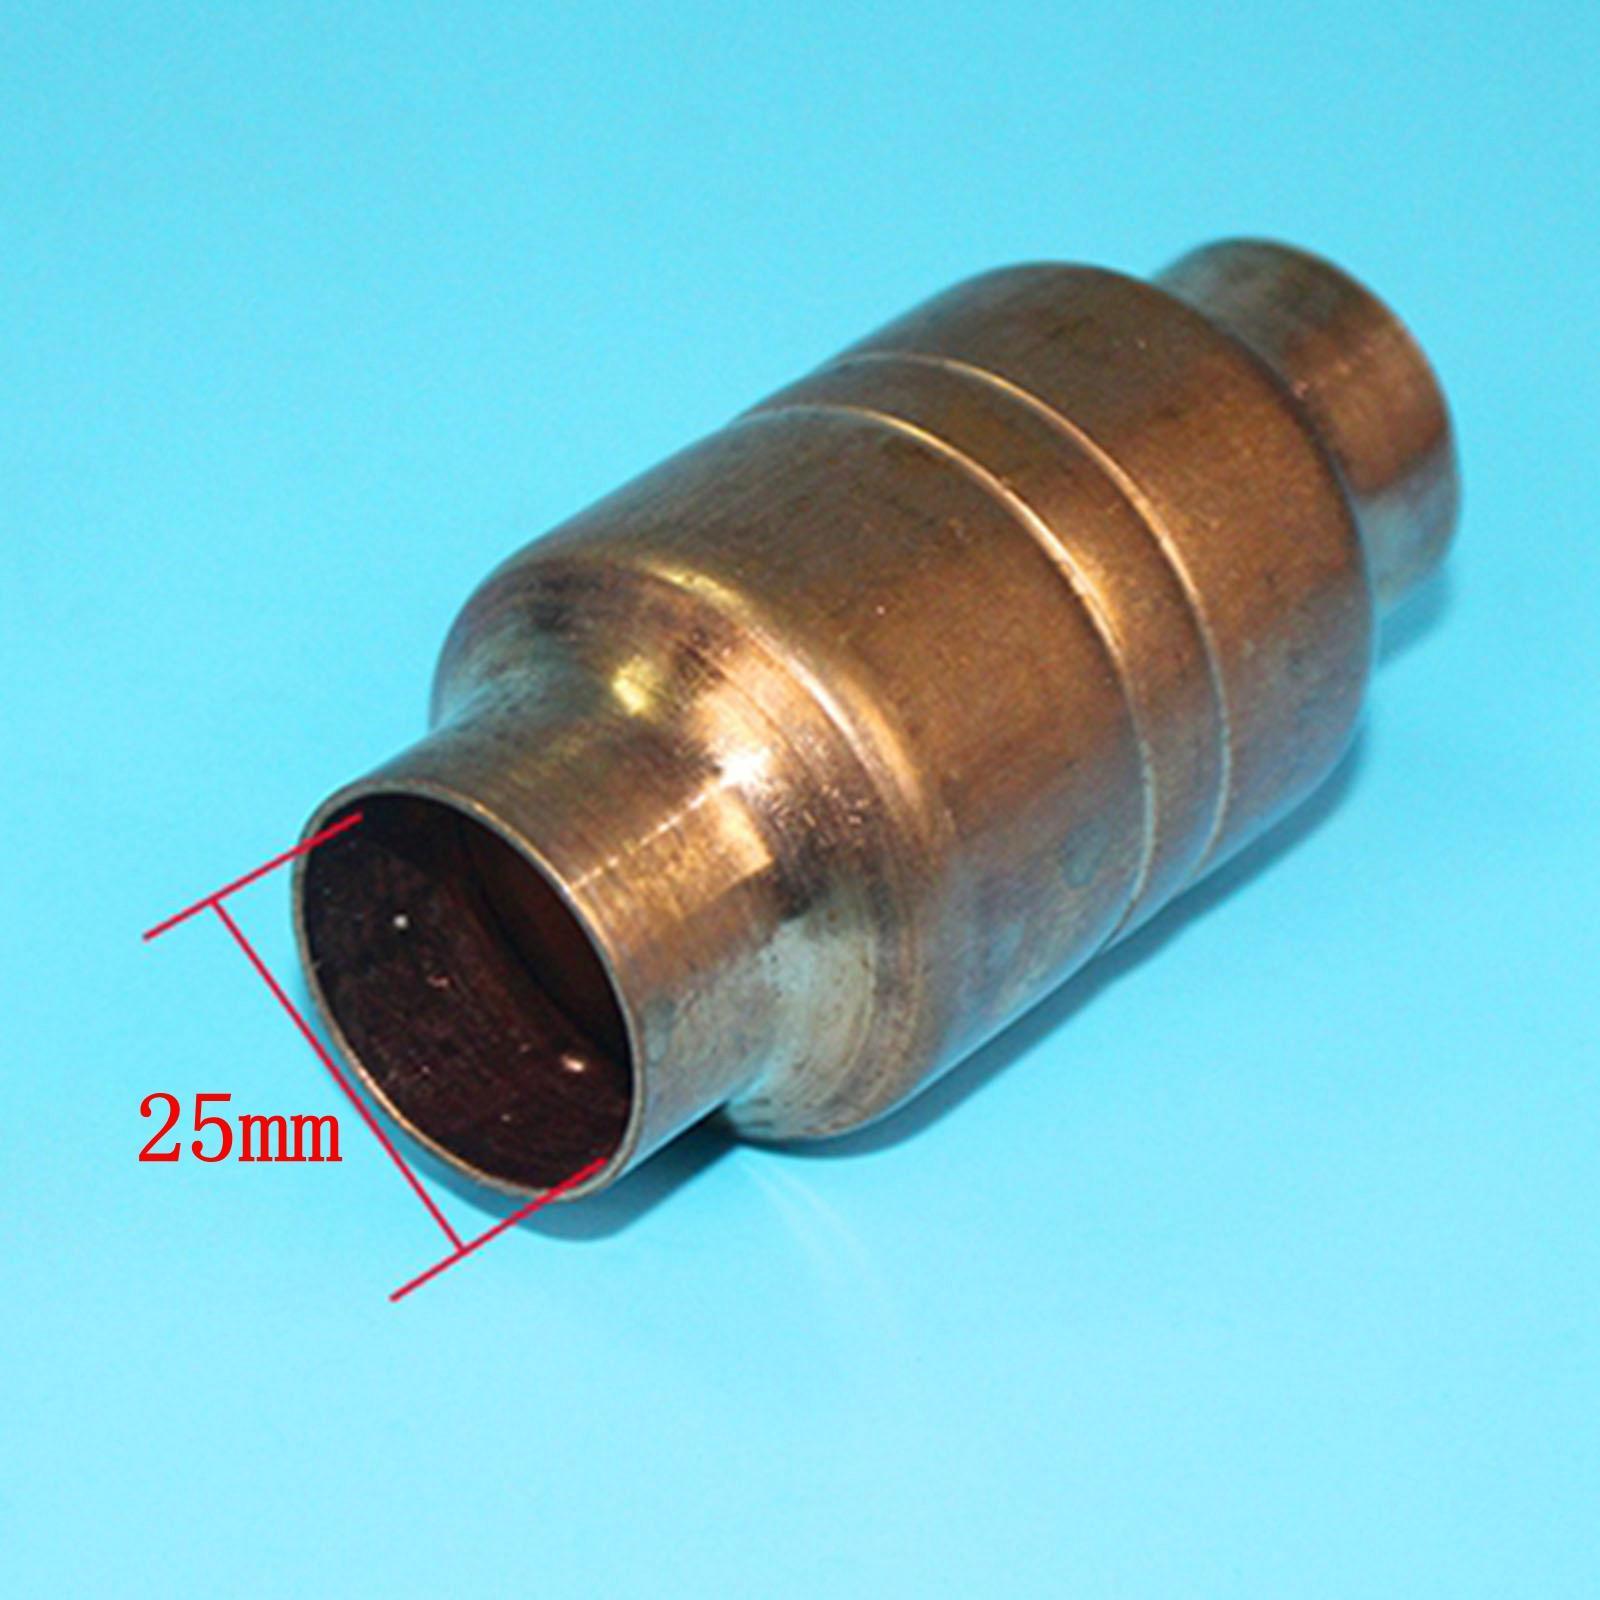 25mm Mund Durchmesser Solder Verbindung Luft Wärmepumpe Kupfer Filter Mit Bildschirm Kühler Teile Kataloge Werden Auf Anfrage Verschickt Home